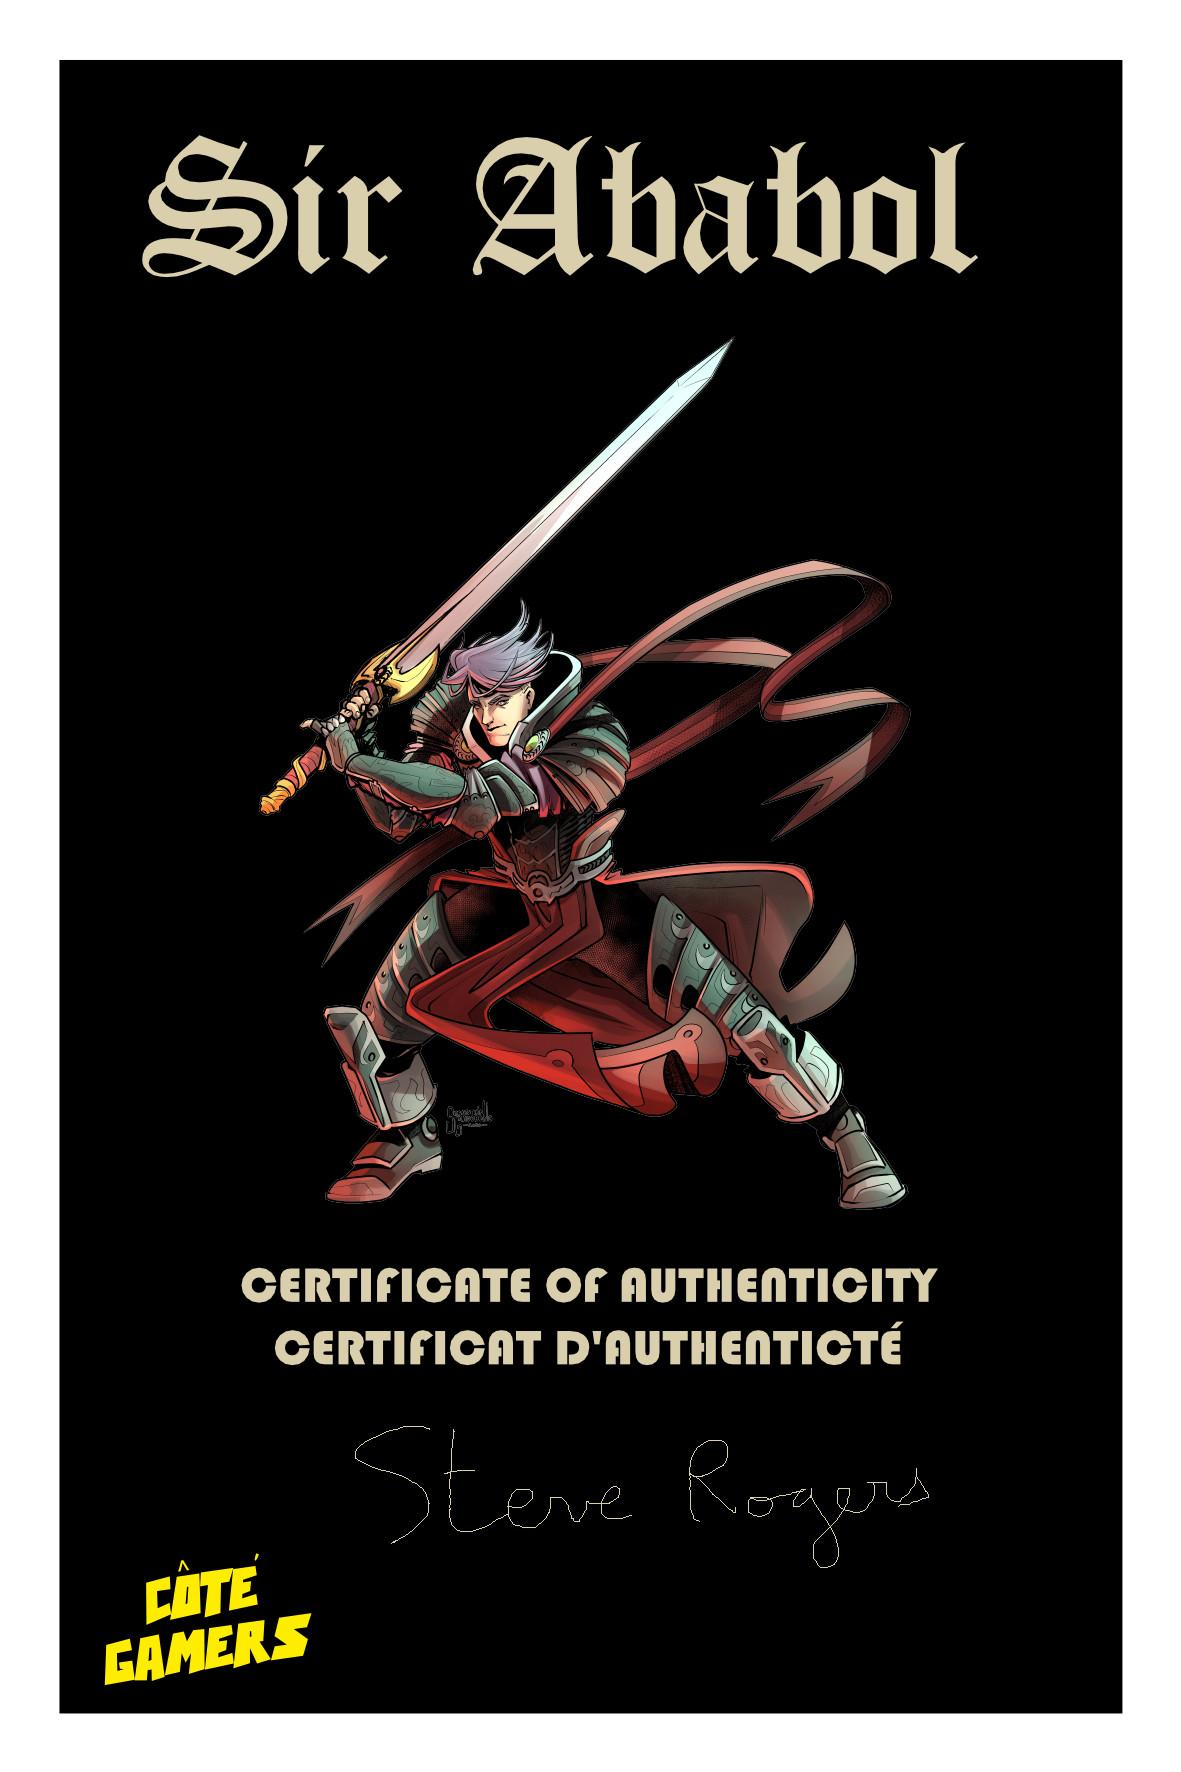 Sir Ababol certificat d'authenticité Carte postal